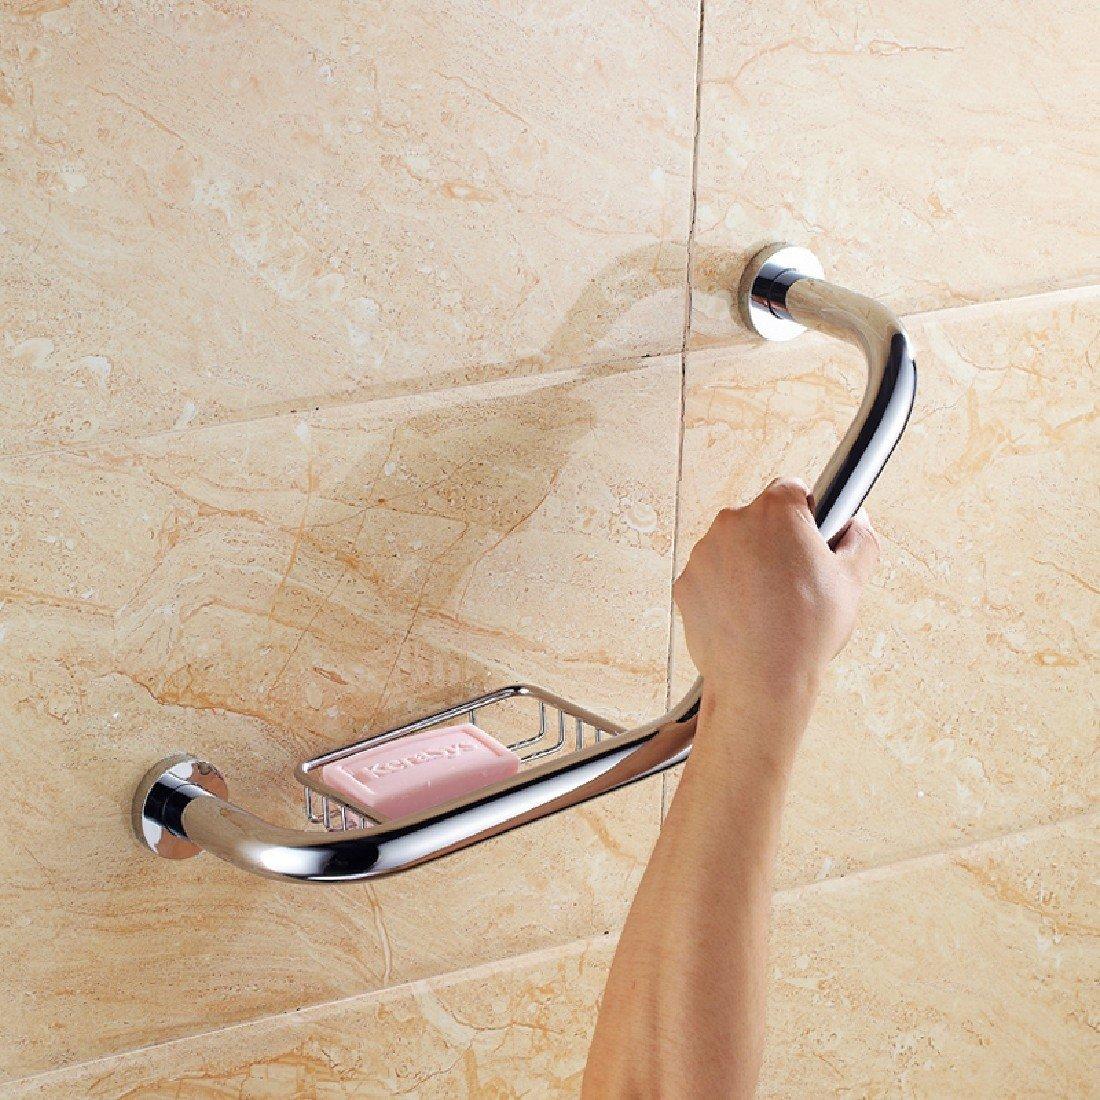 SDKKY bagno antiscivolo bracciolo Pasamanos pasamanos de Cobre baño bañera WC Ancianos discapacitados pasamanos Deslizante de Seguridad,B